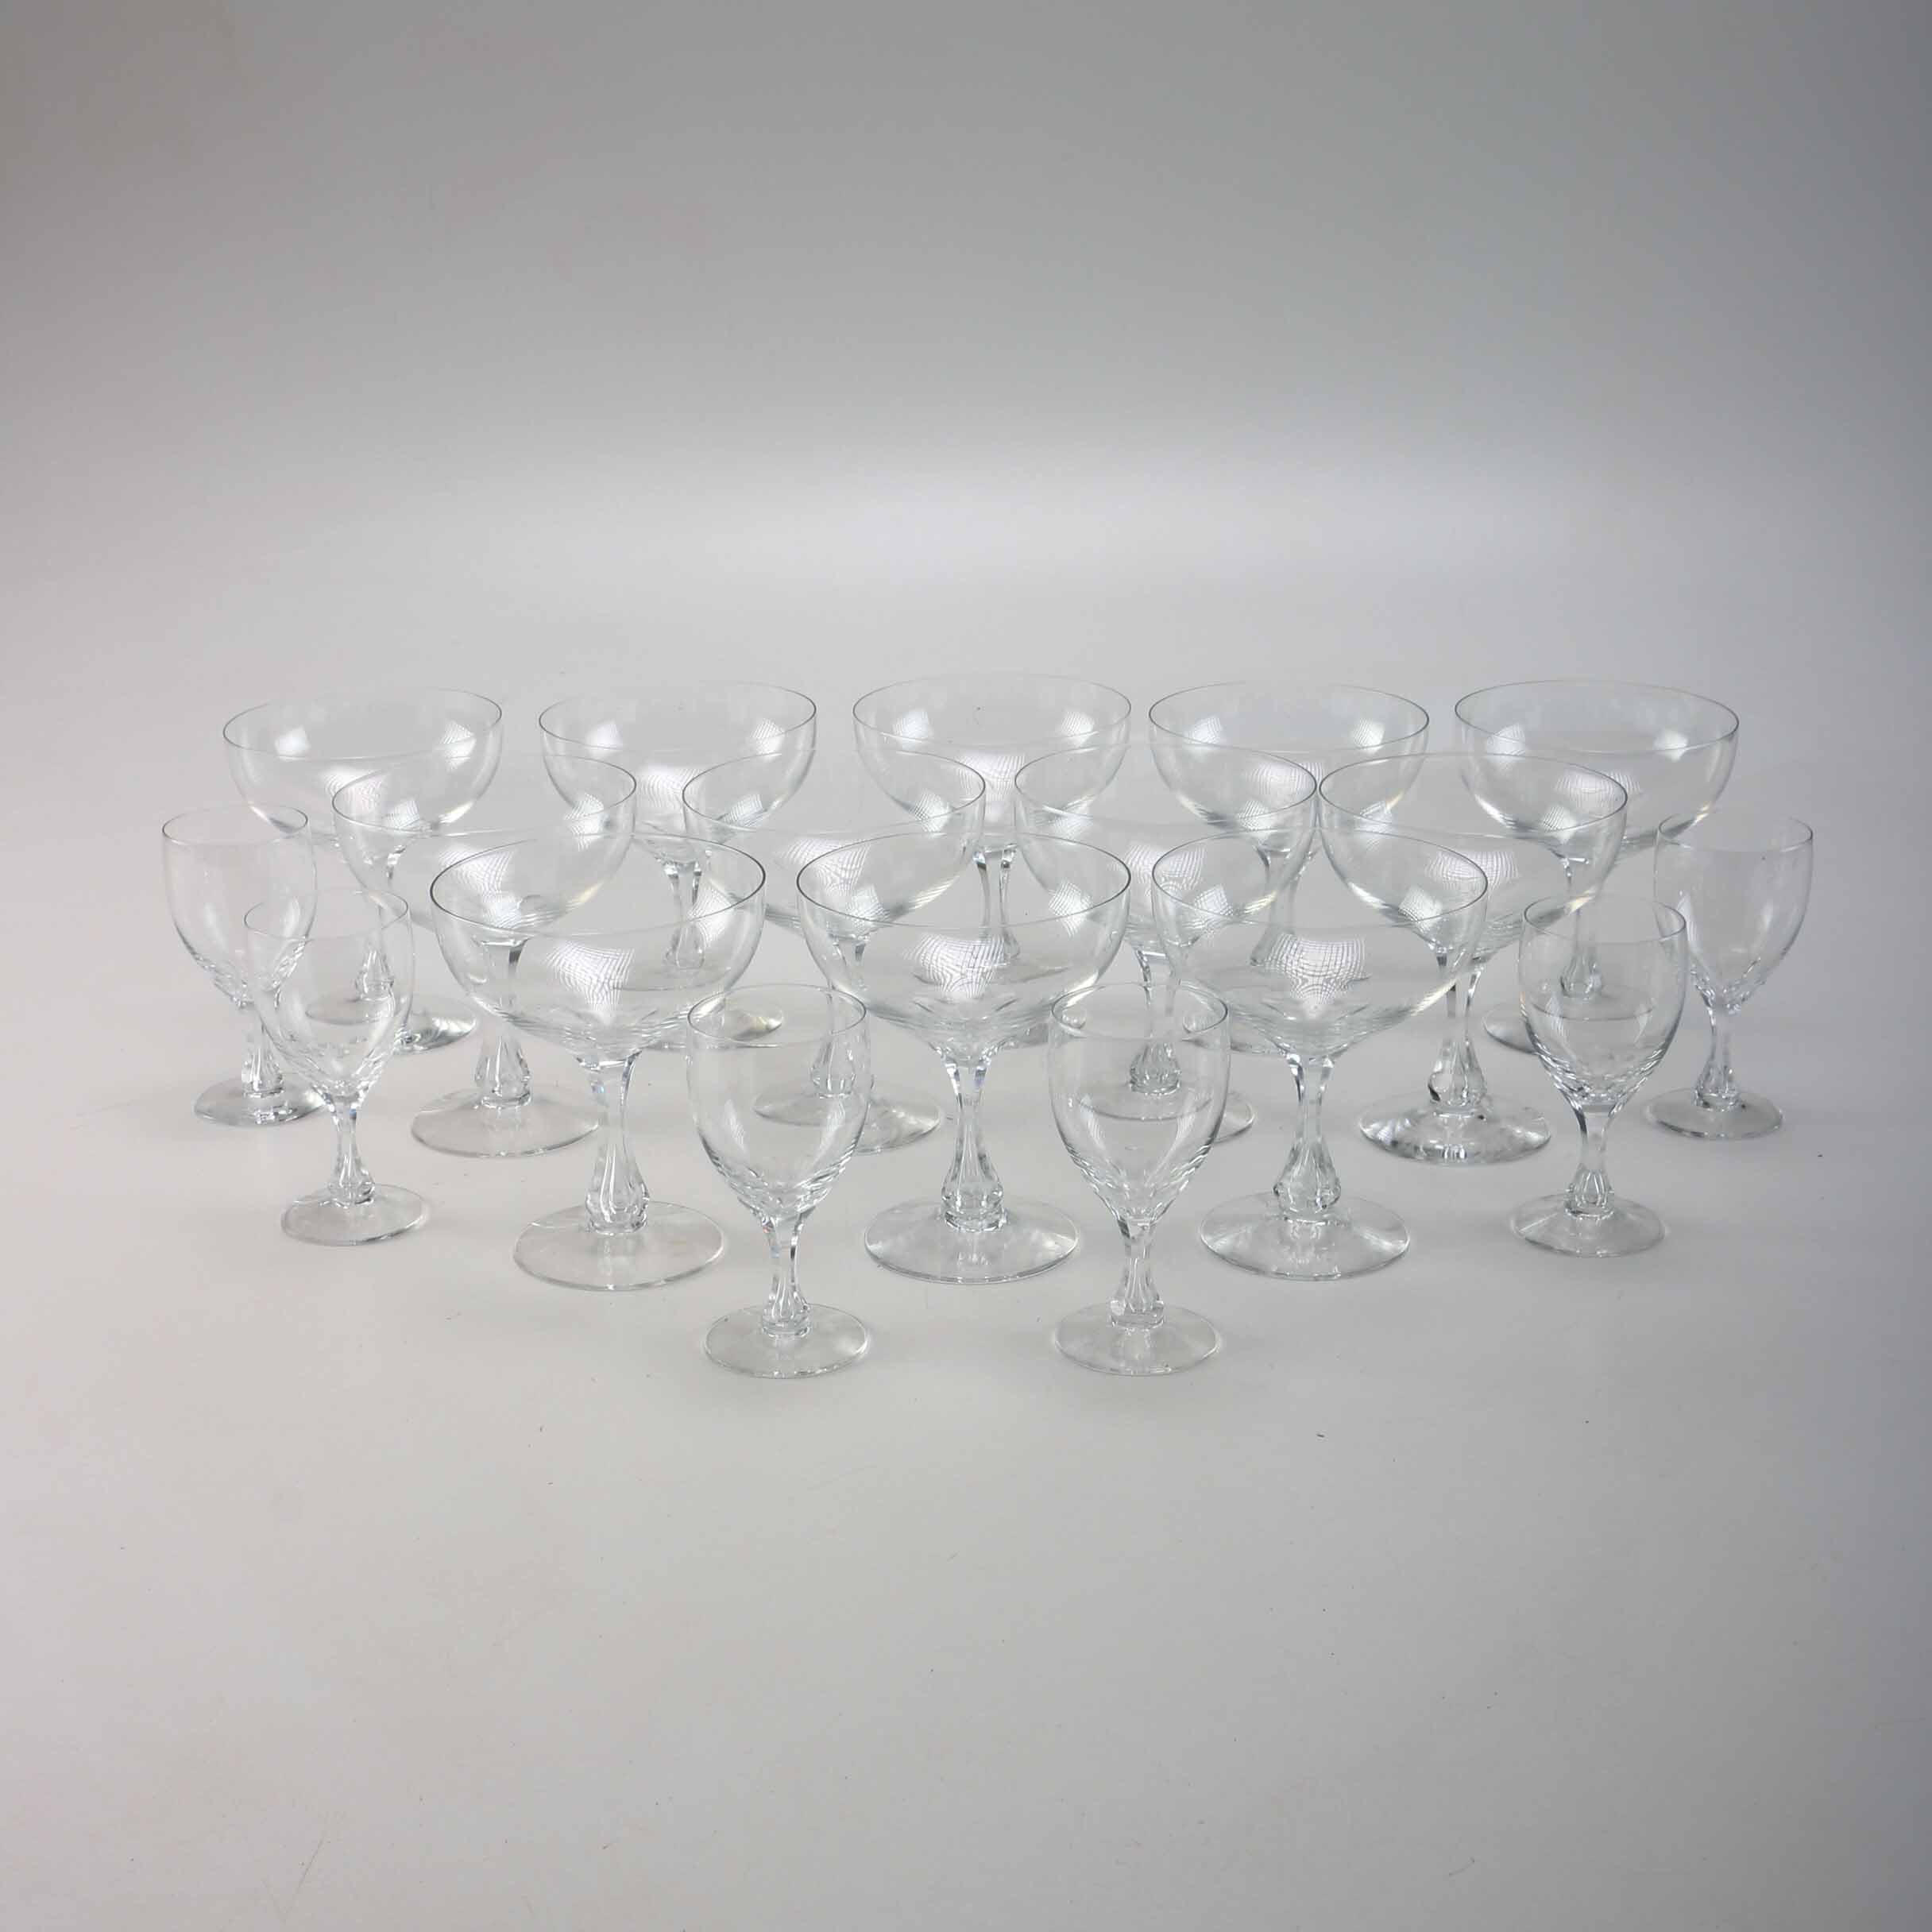 Orrefors Stemware Glasses